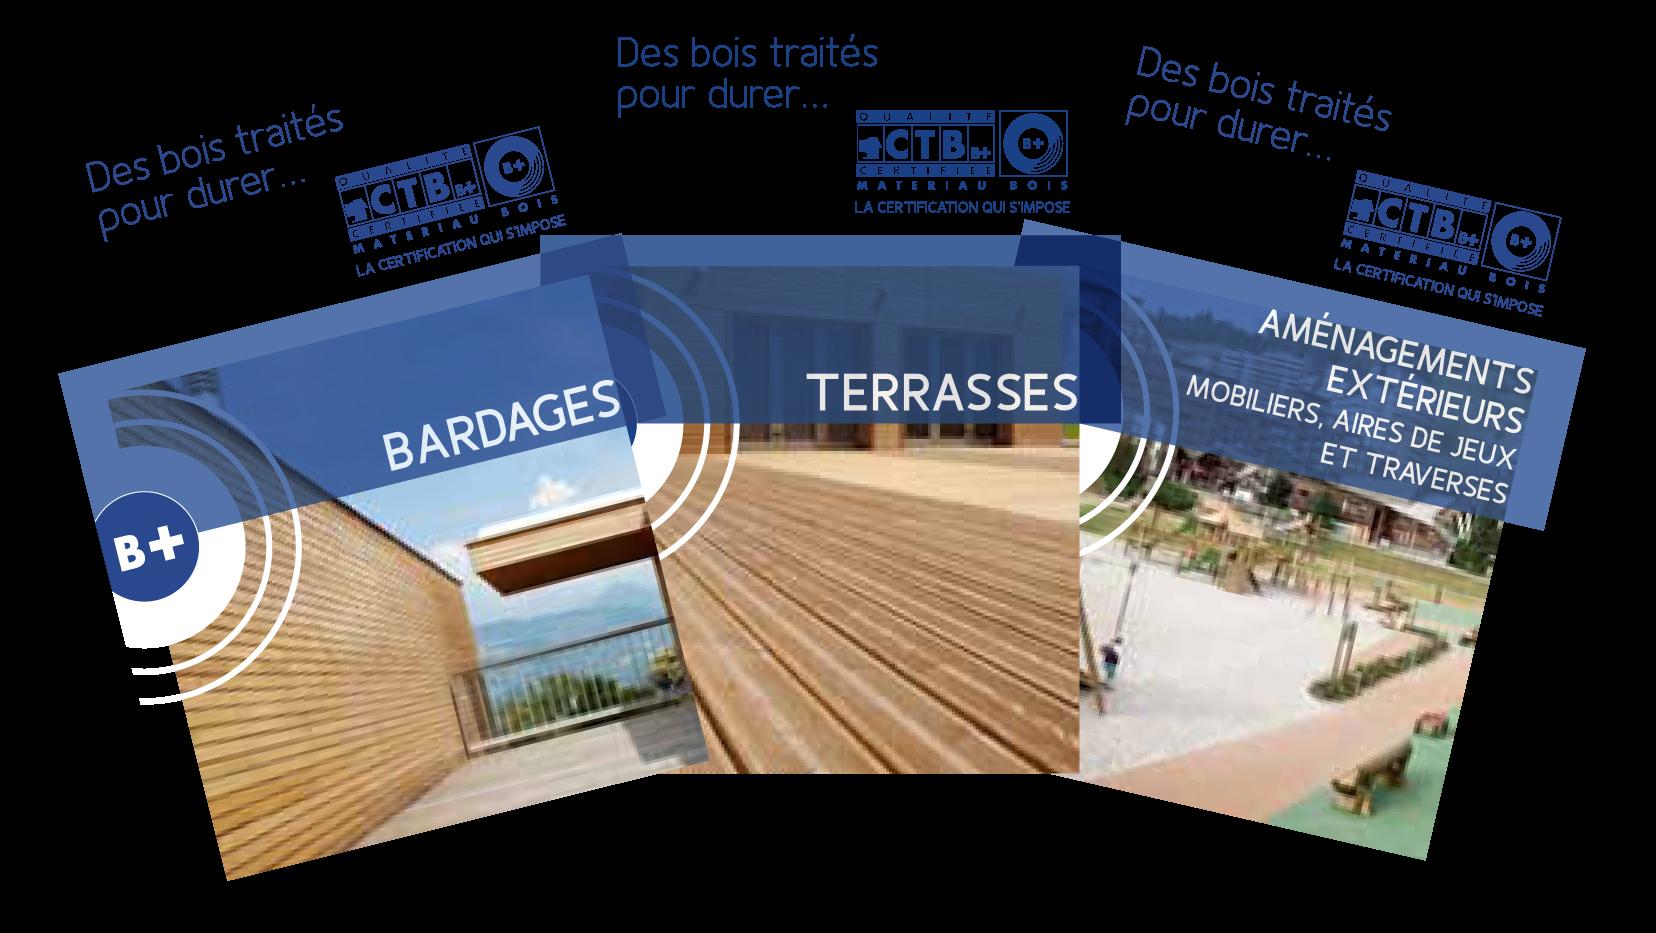 fiches pratiques pour usage badarges, terrasses et aménagements extérieurs